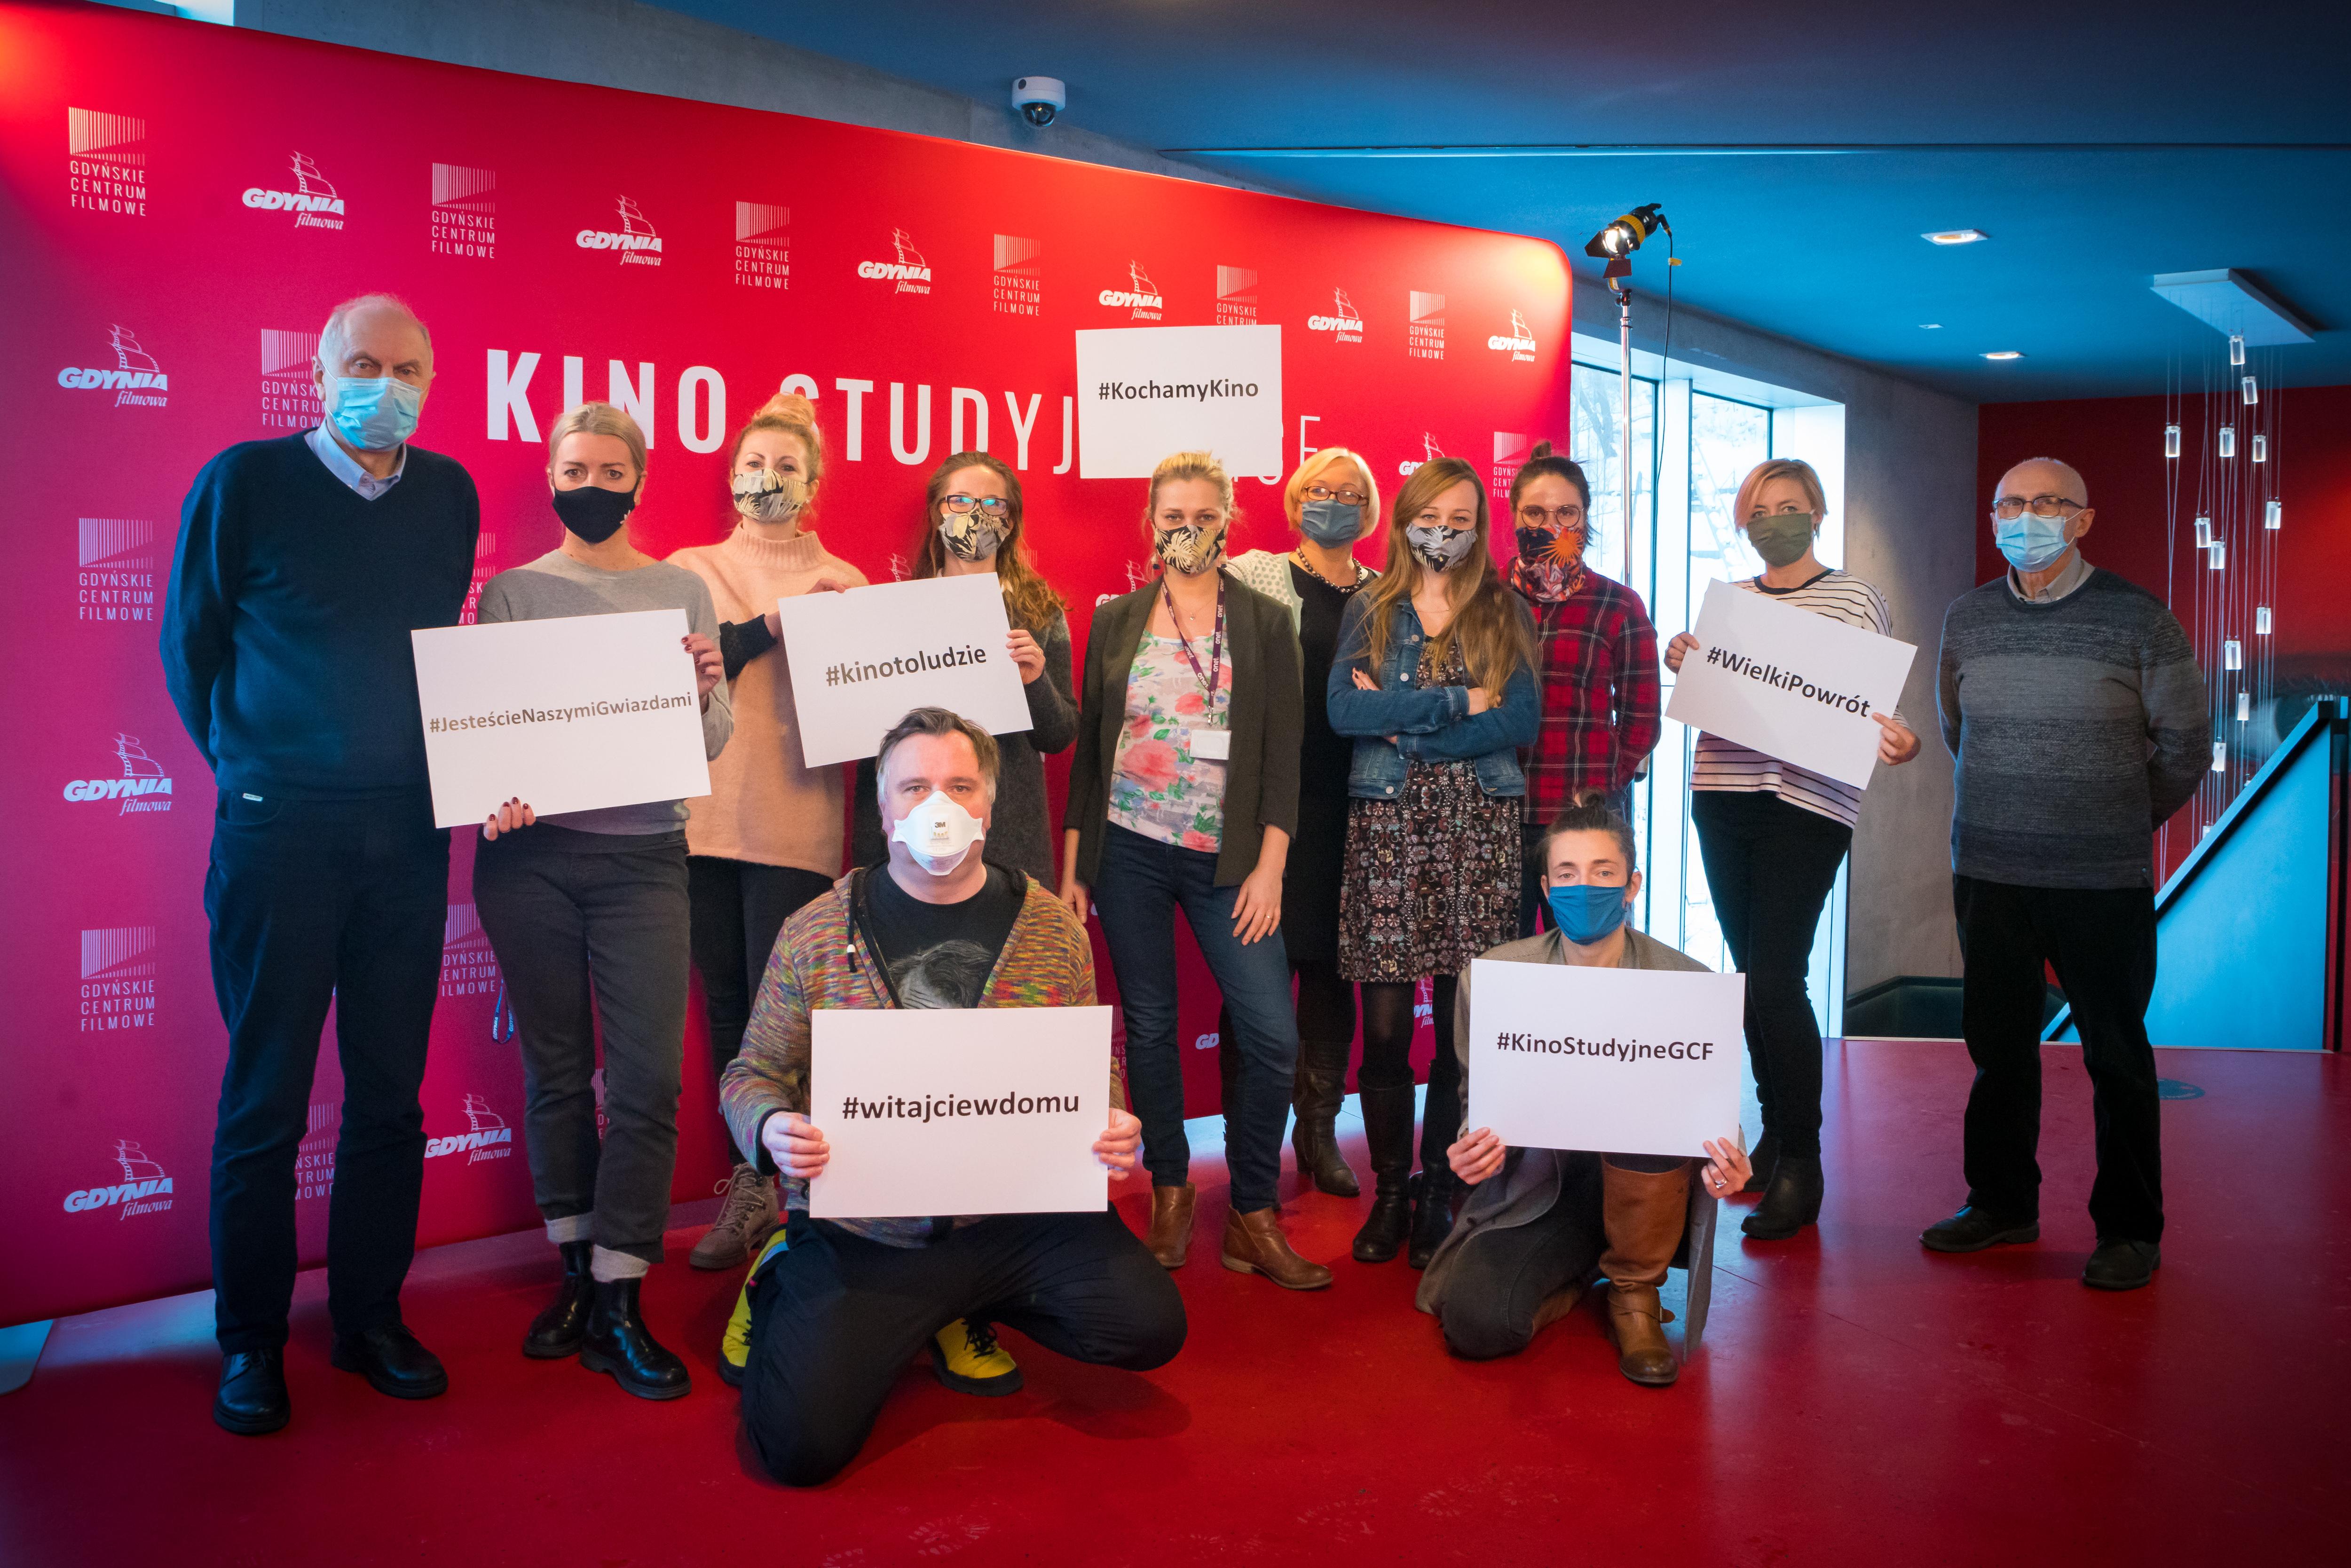 """Grupa 12. osób zebrała się przed ścianką Gdyńskiego Centrum Filmowego. Osoby na zdjęciu mają założone maseczki, a niektóre osoby trzymają kartki z napisami """"#witajciewdomu"""", """"#kinotoludzie"""", """"#kochamykino"""". // fot. Anna Rezulak / KFP"""